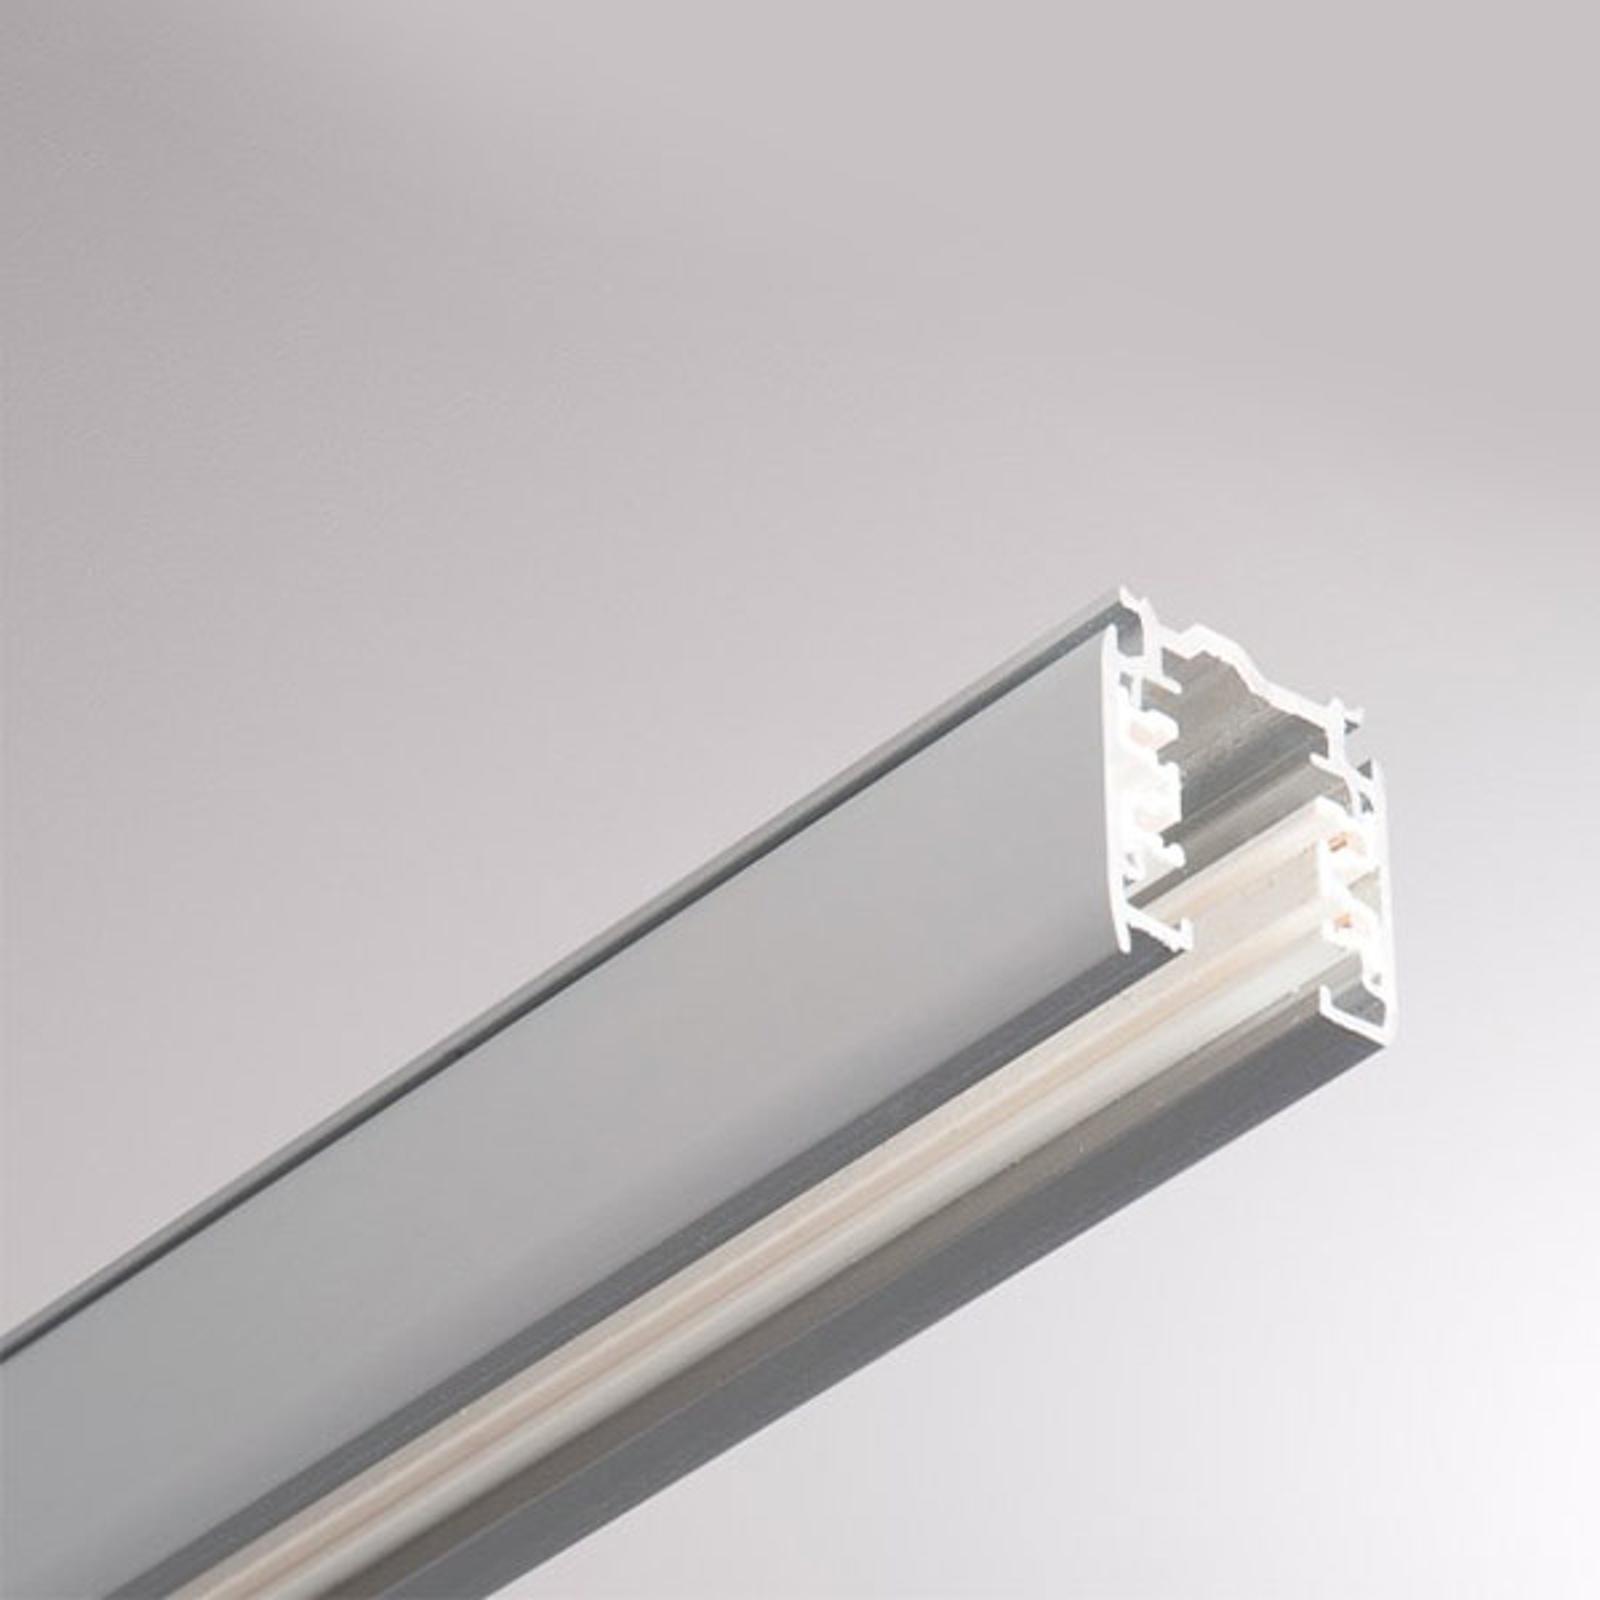 Noa aluminium 3-fase strømskinne 100cm, grå